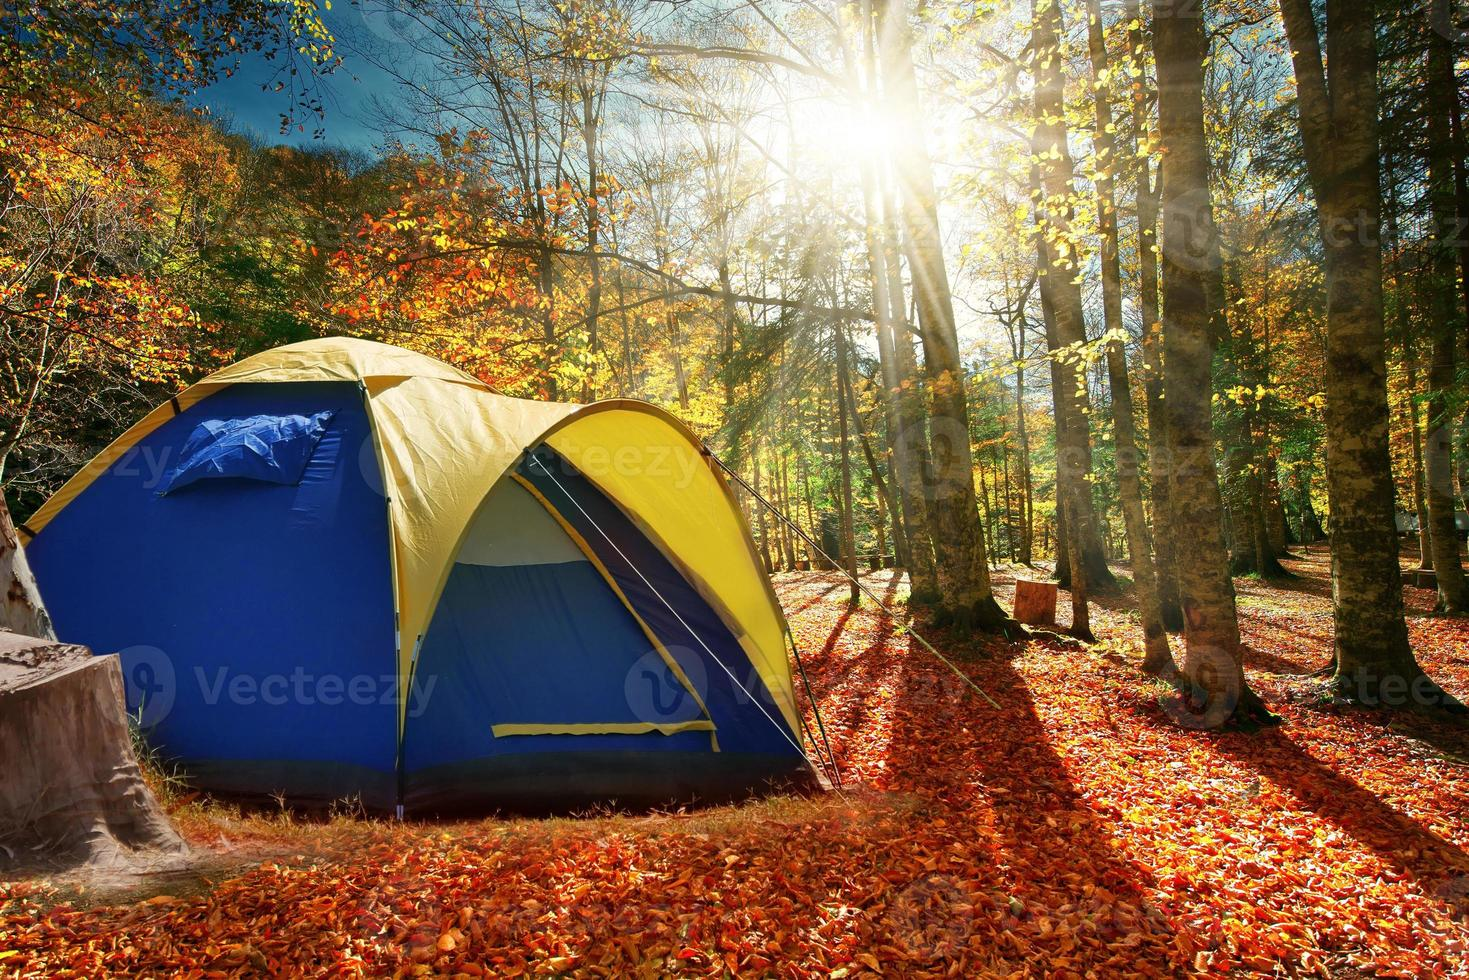 due tende nella foresta d'autunno foto